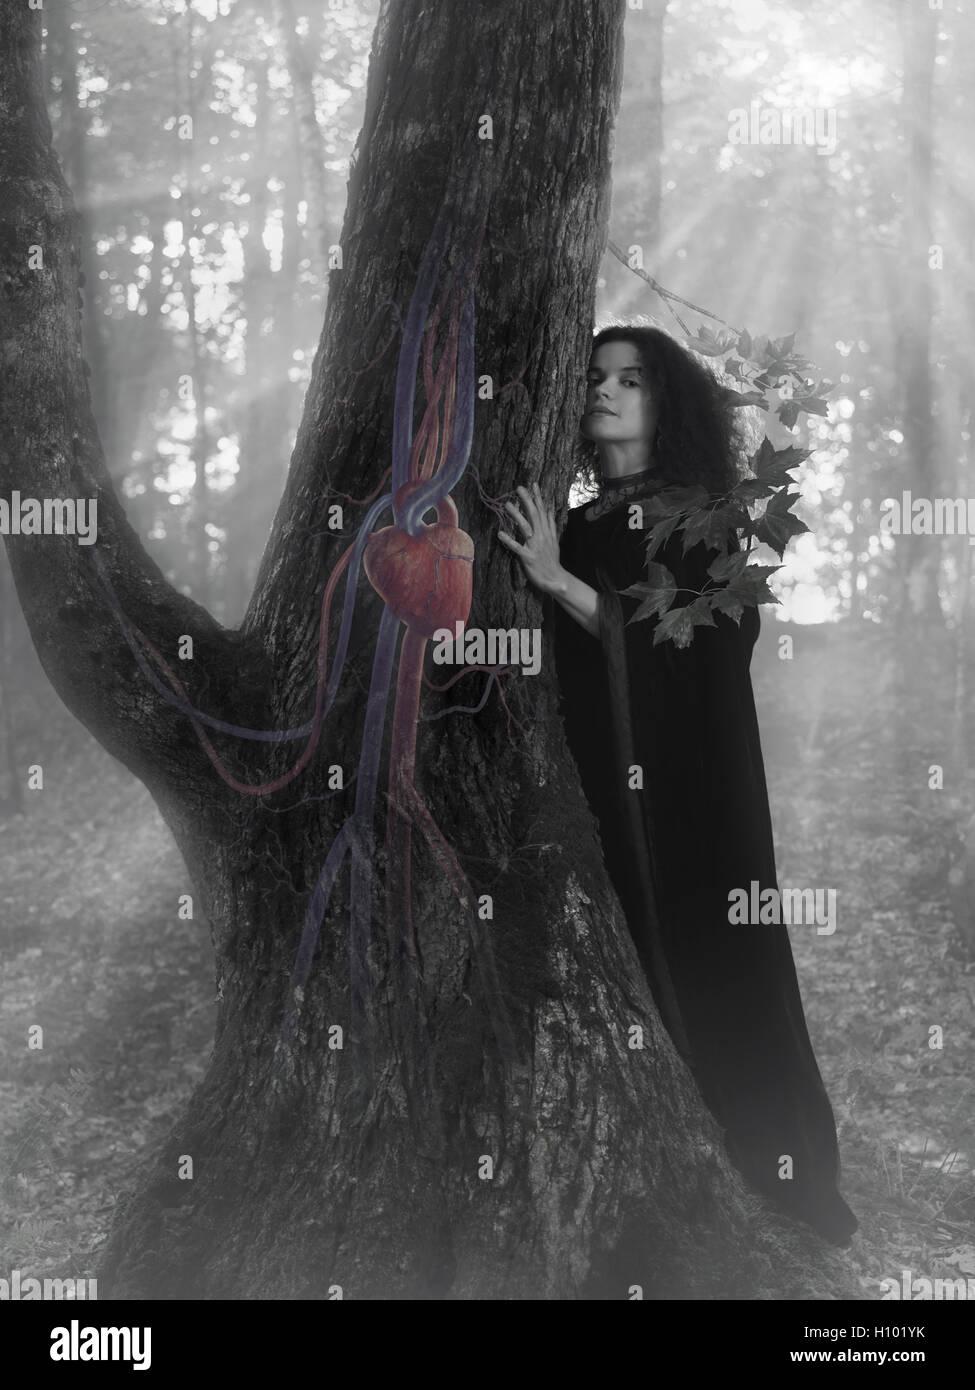 Femme druide dans la forêt à l'écoute de la pulsation d'un arbre conceptuel, artistique illustration Photo Stock